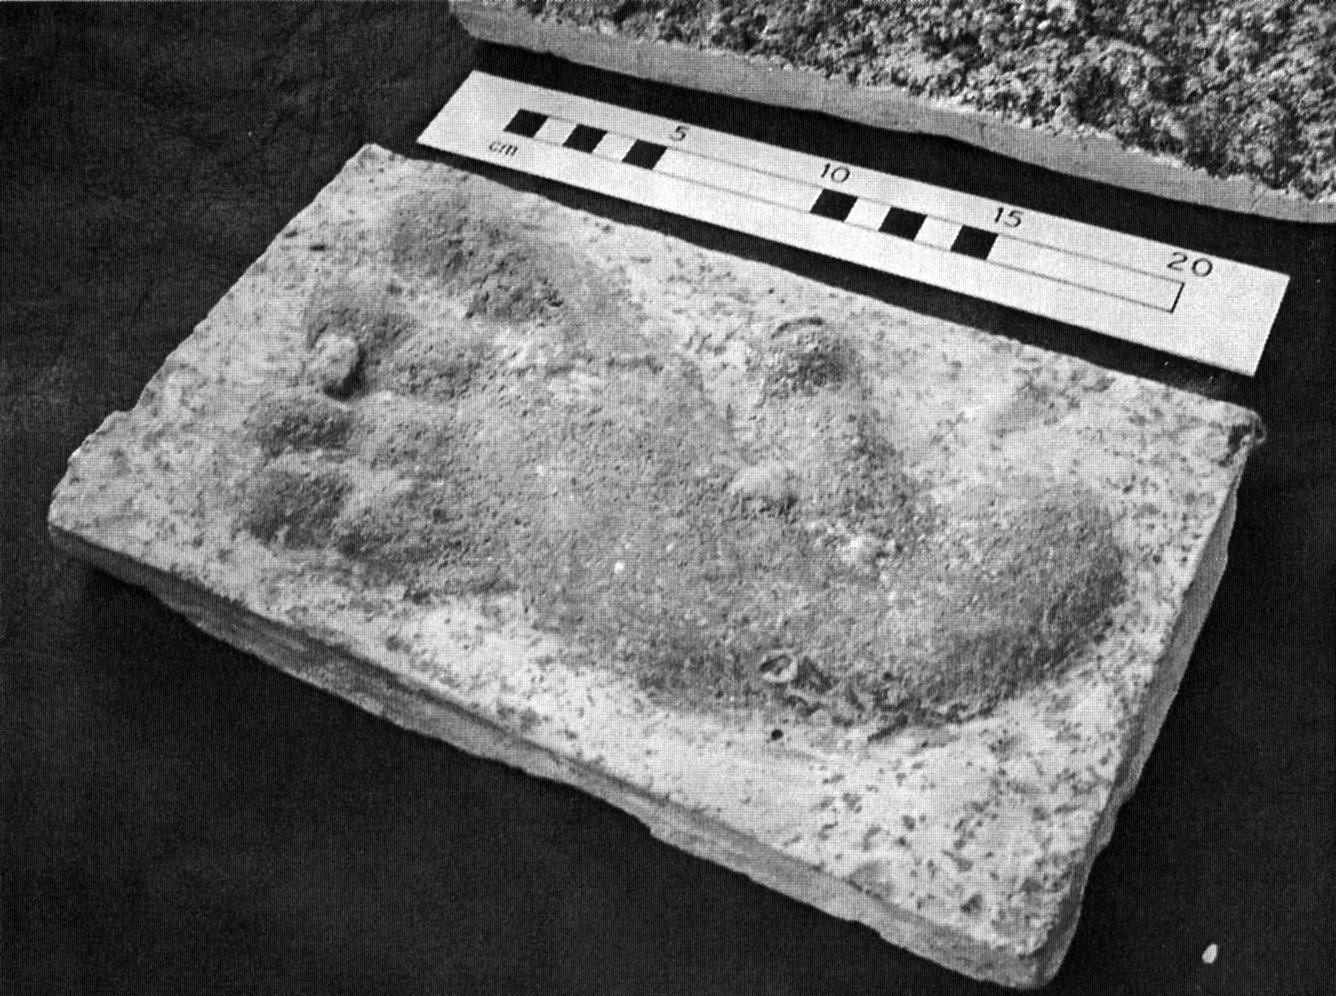 Questo calco di impronta misteriosa, attribuita all'orang pendek, è conservato presso il Natural History Museum di Londra